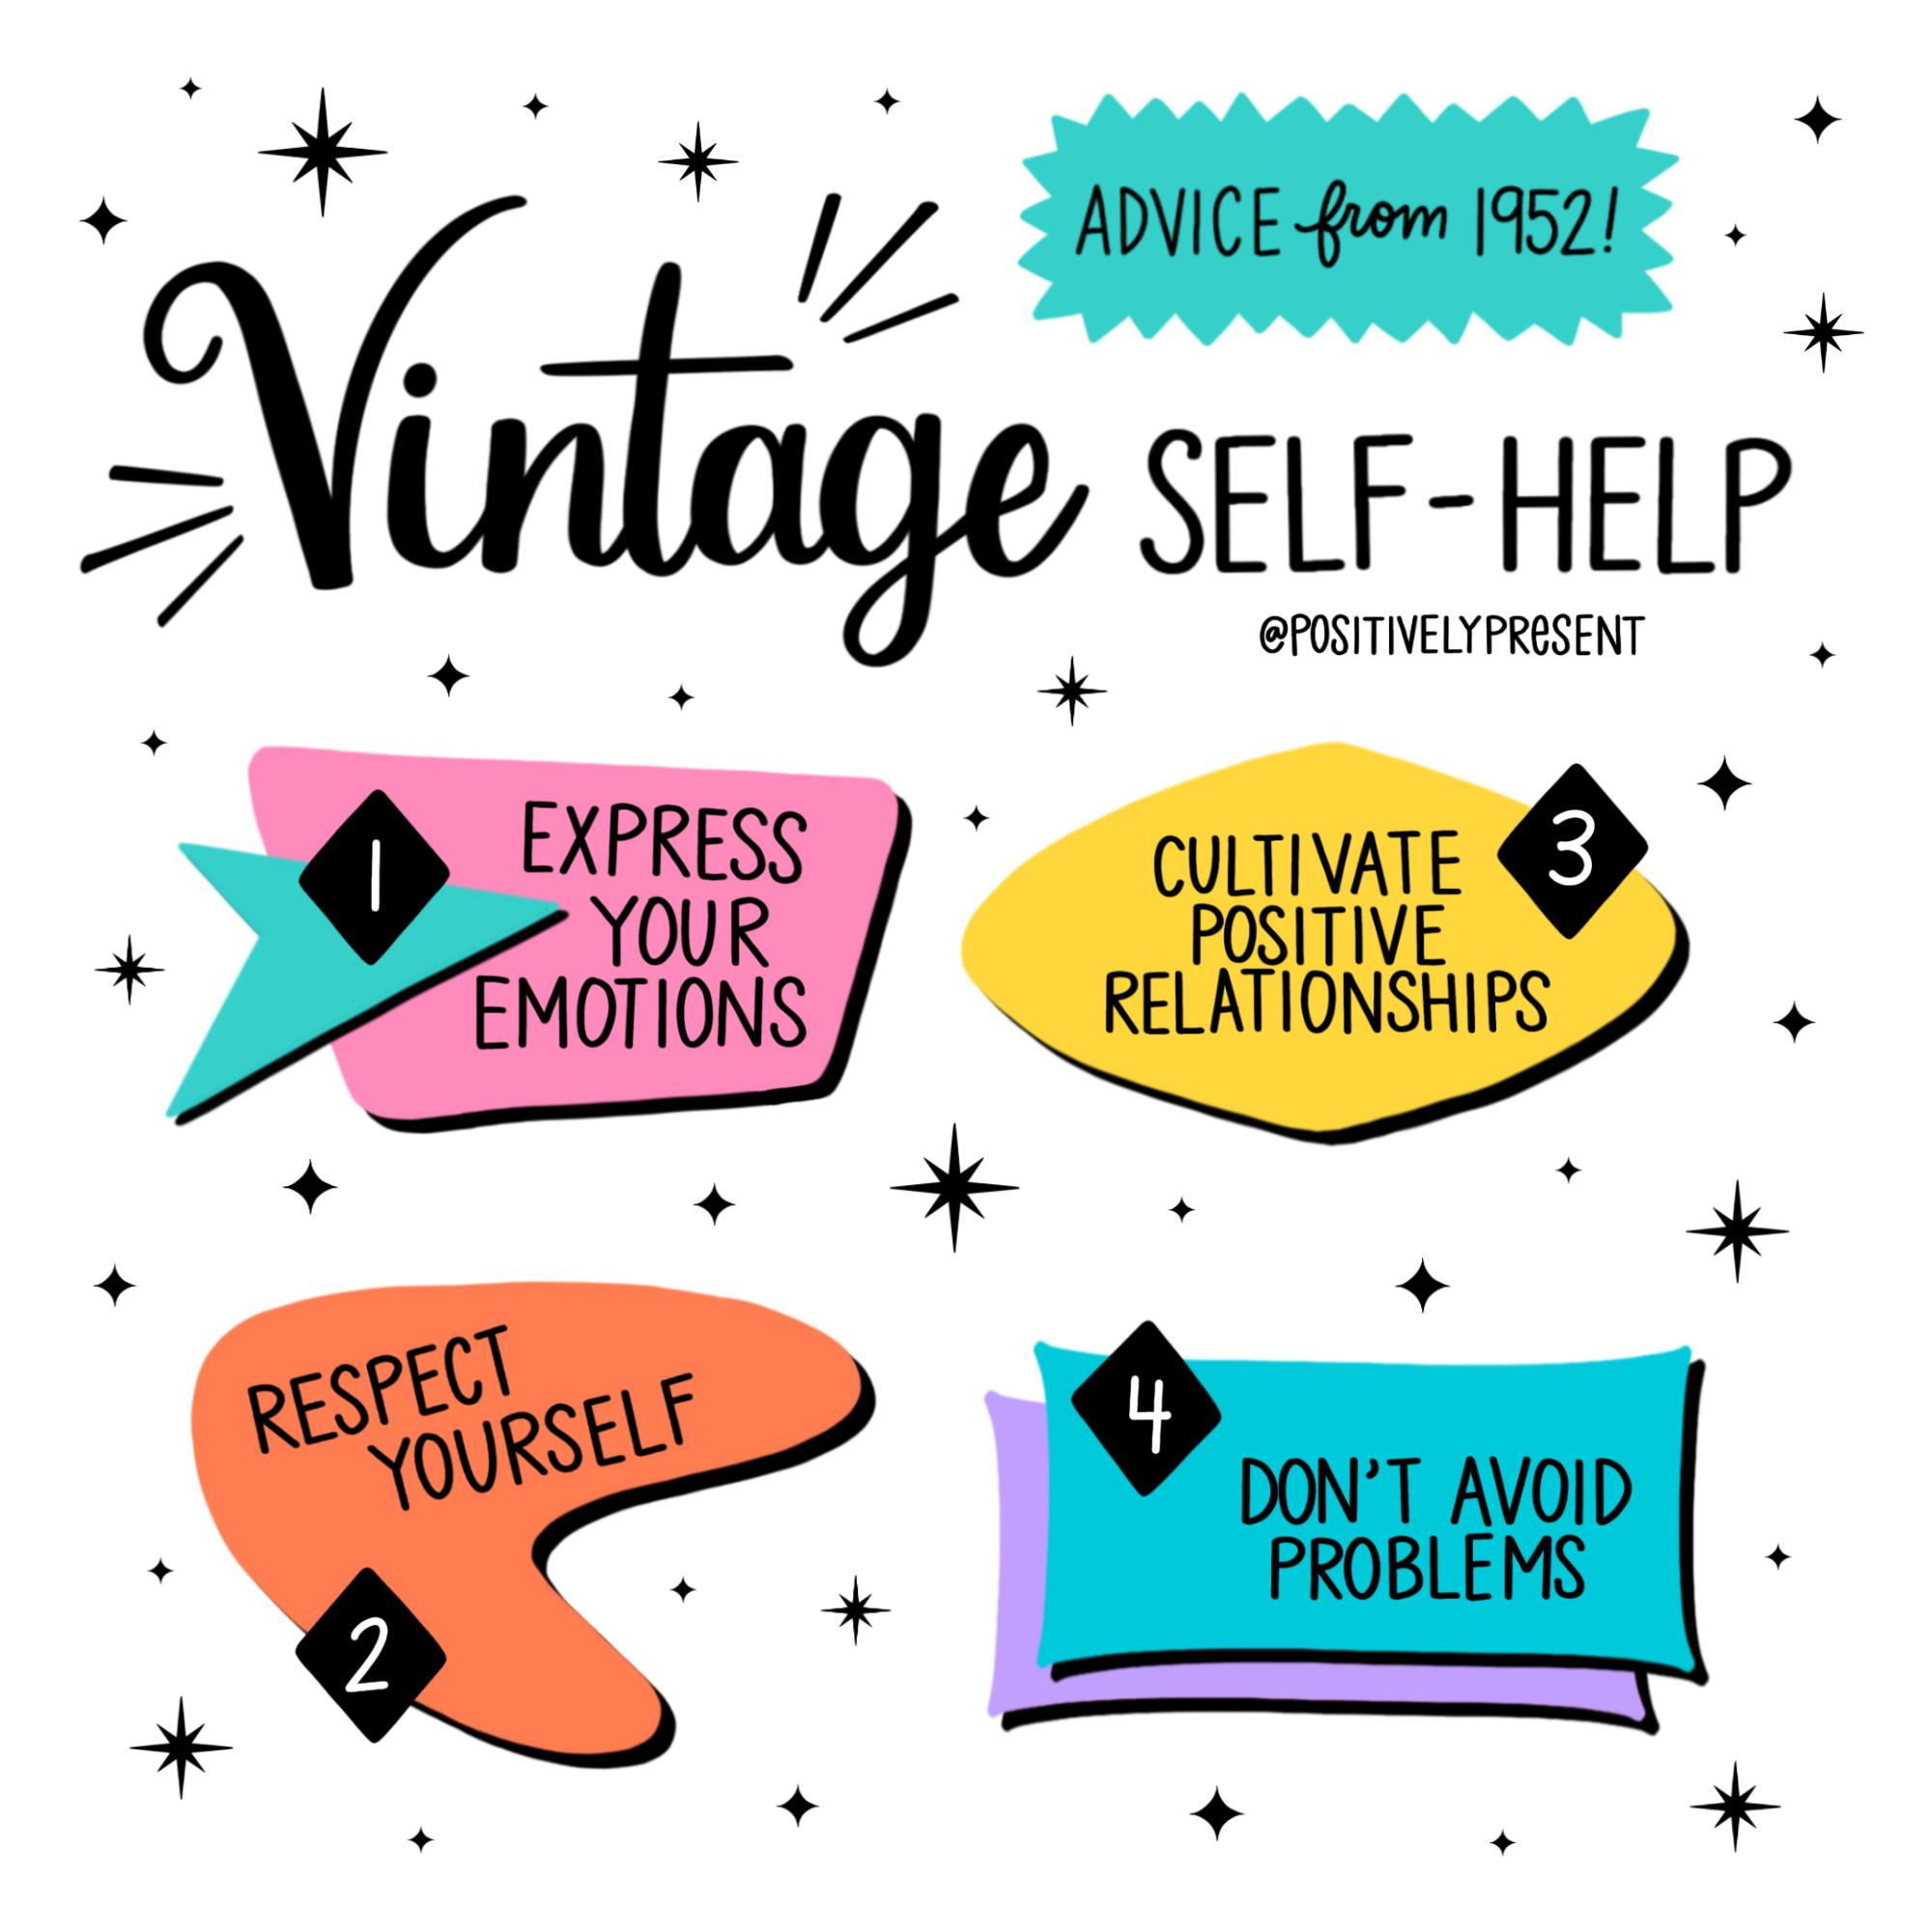 vintage self help